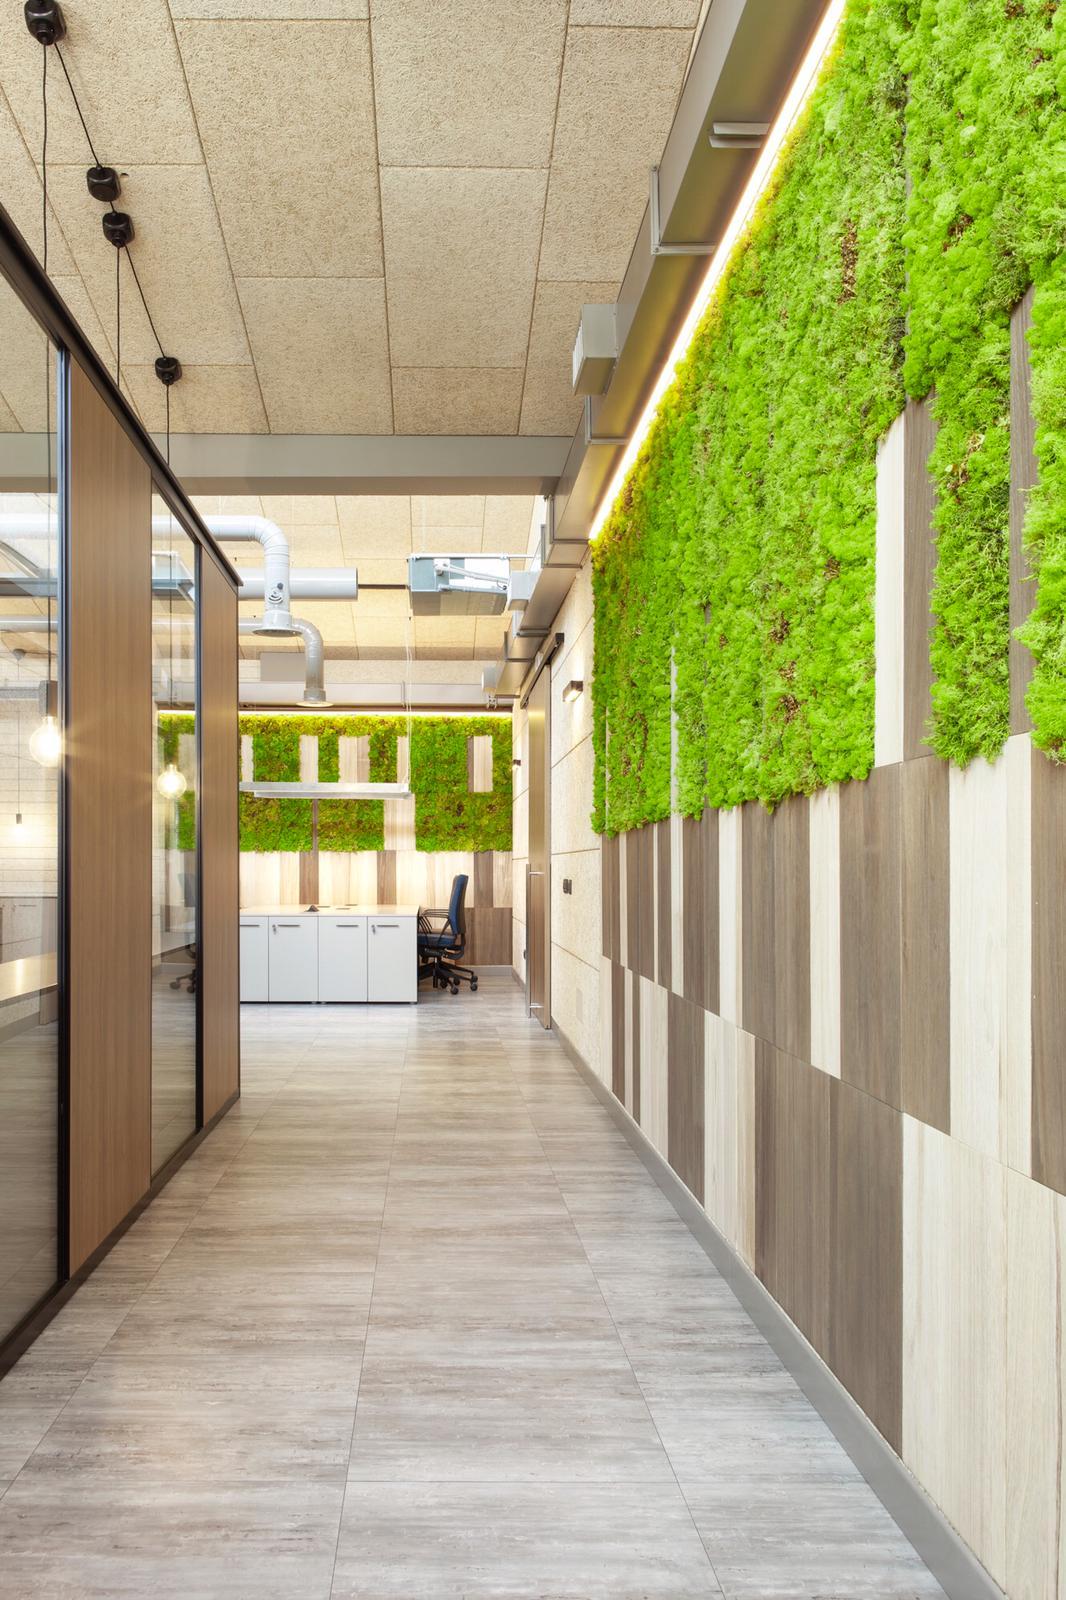 uffici in stile industrial_corridoio